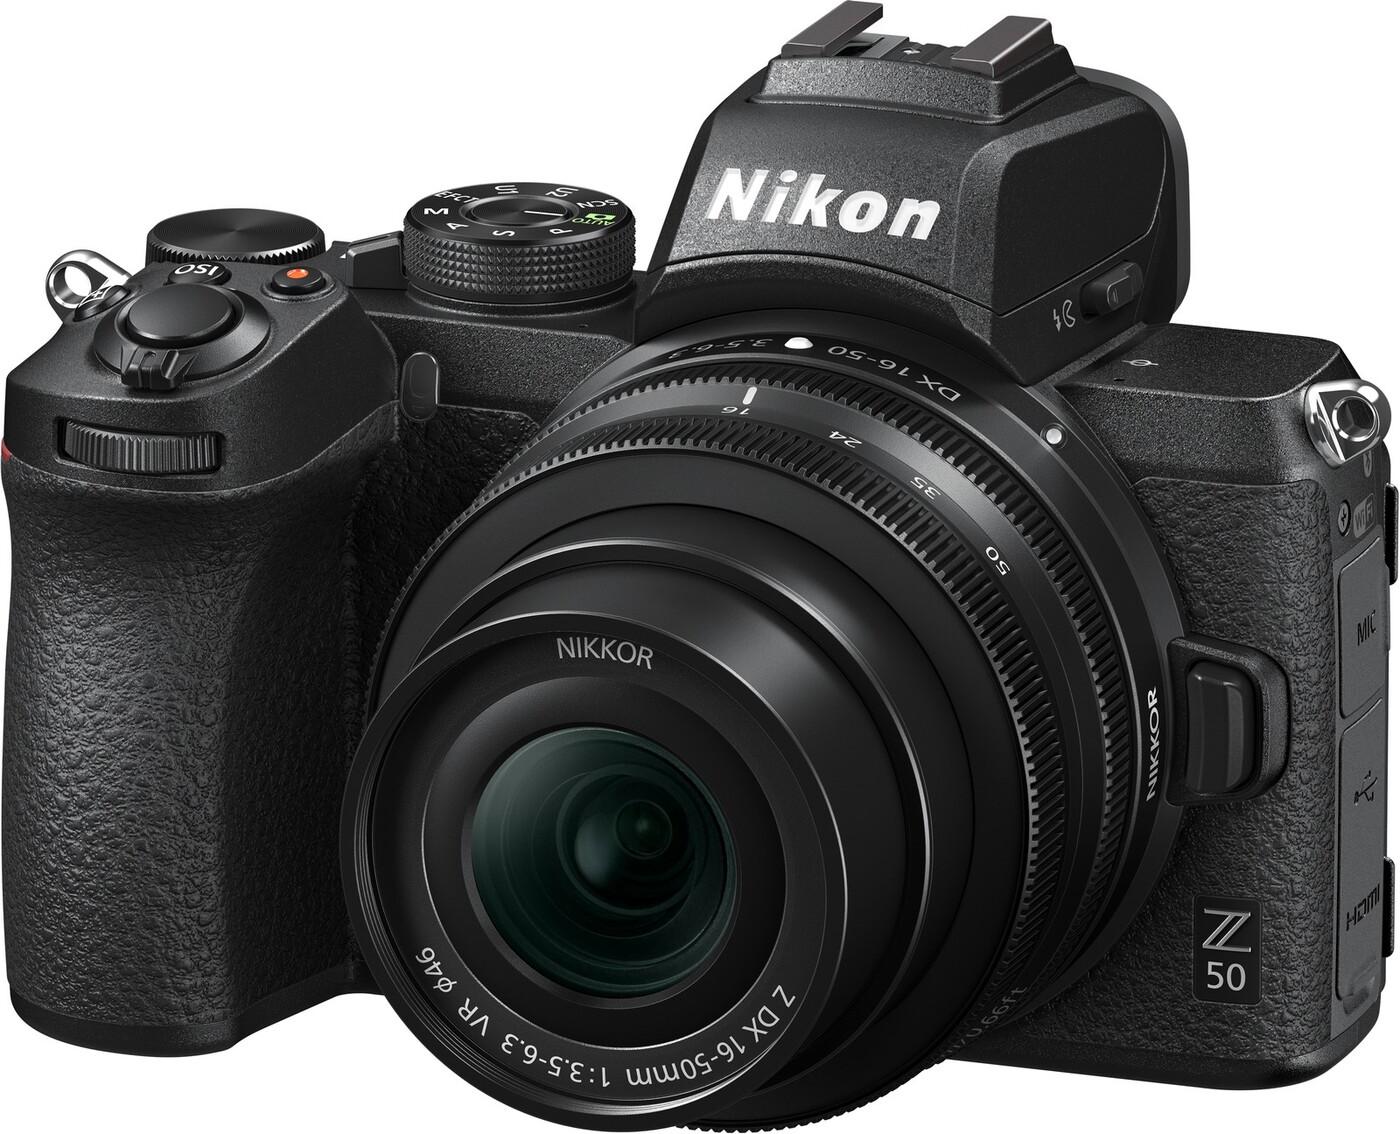 Беззеркальный фотоаппарат Nikon Z50 16-50 f/4.5-6.3 VR, черный